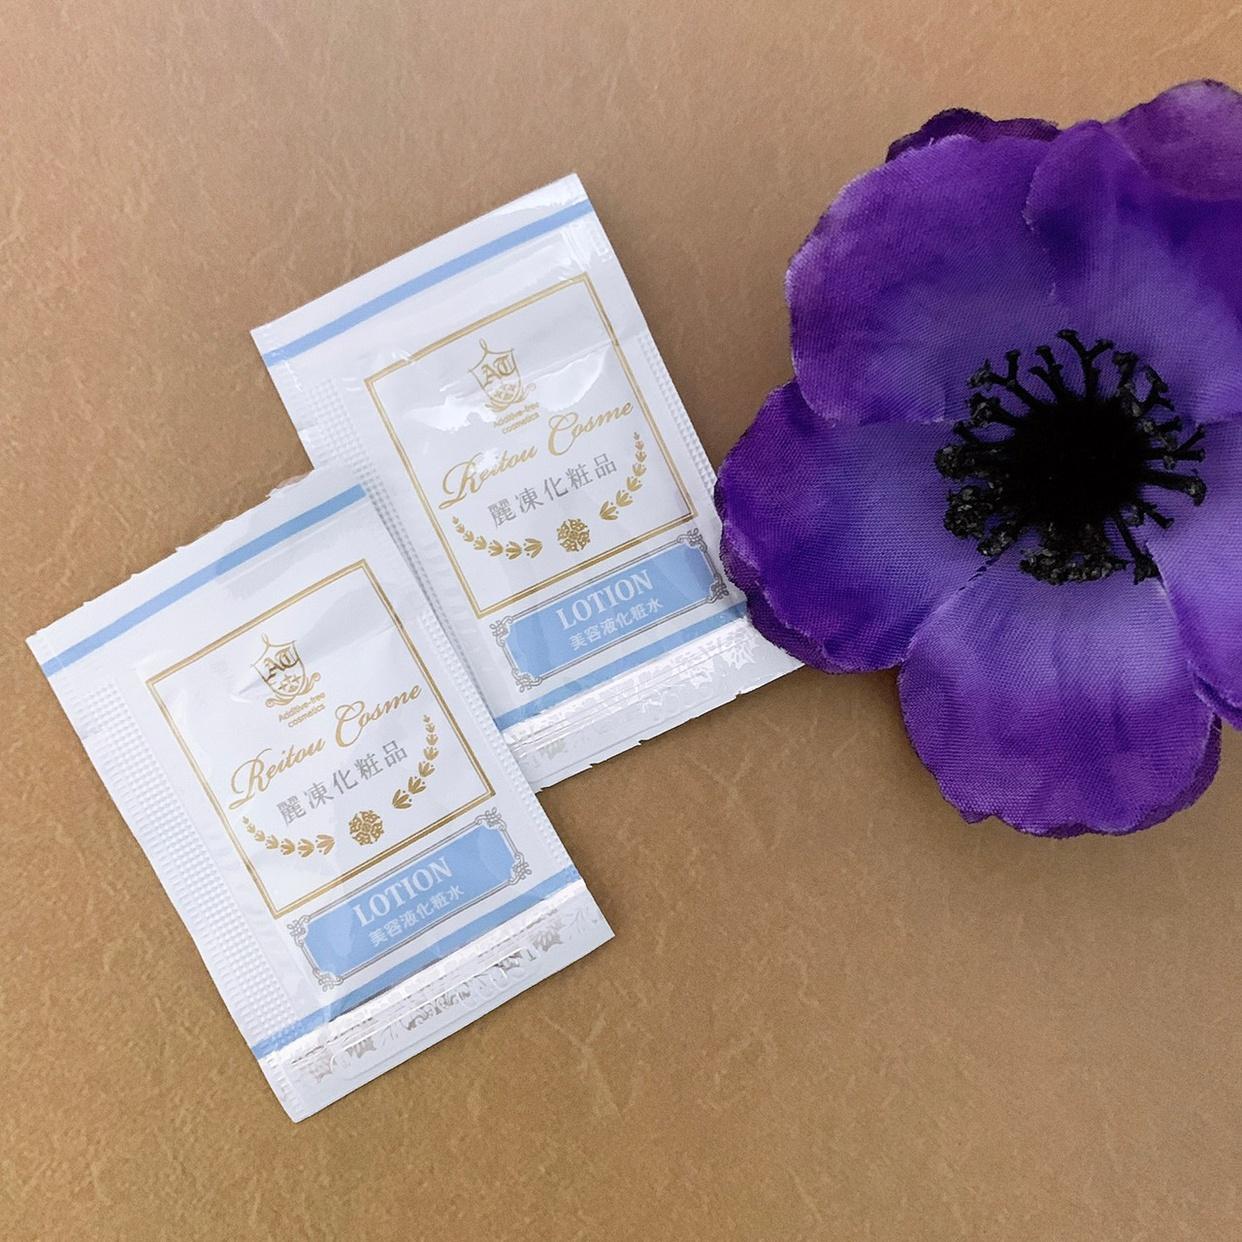 麗凍化粧品(Reitou Cosme) 美容液 化粧水を使ったkana_cafe_timeさんのクチコミ画像2